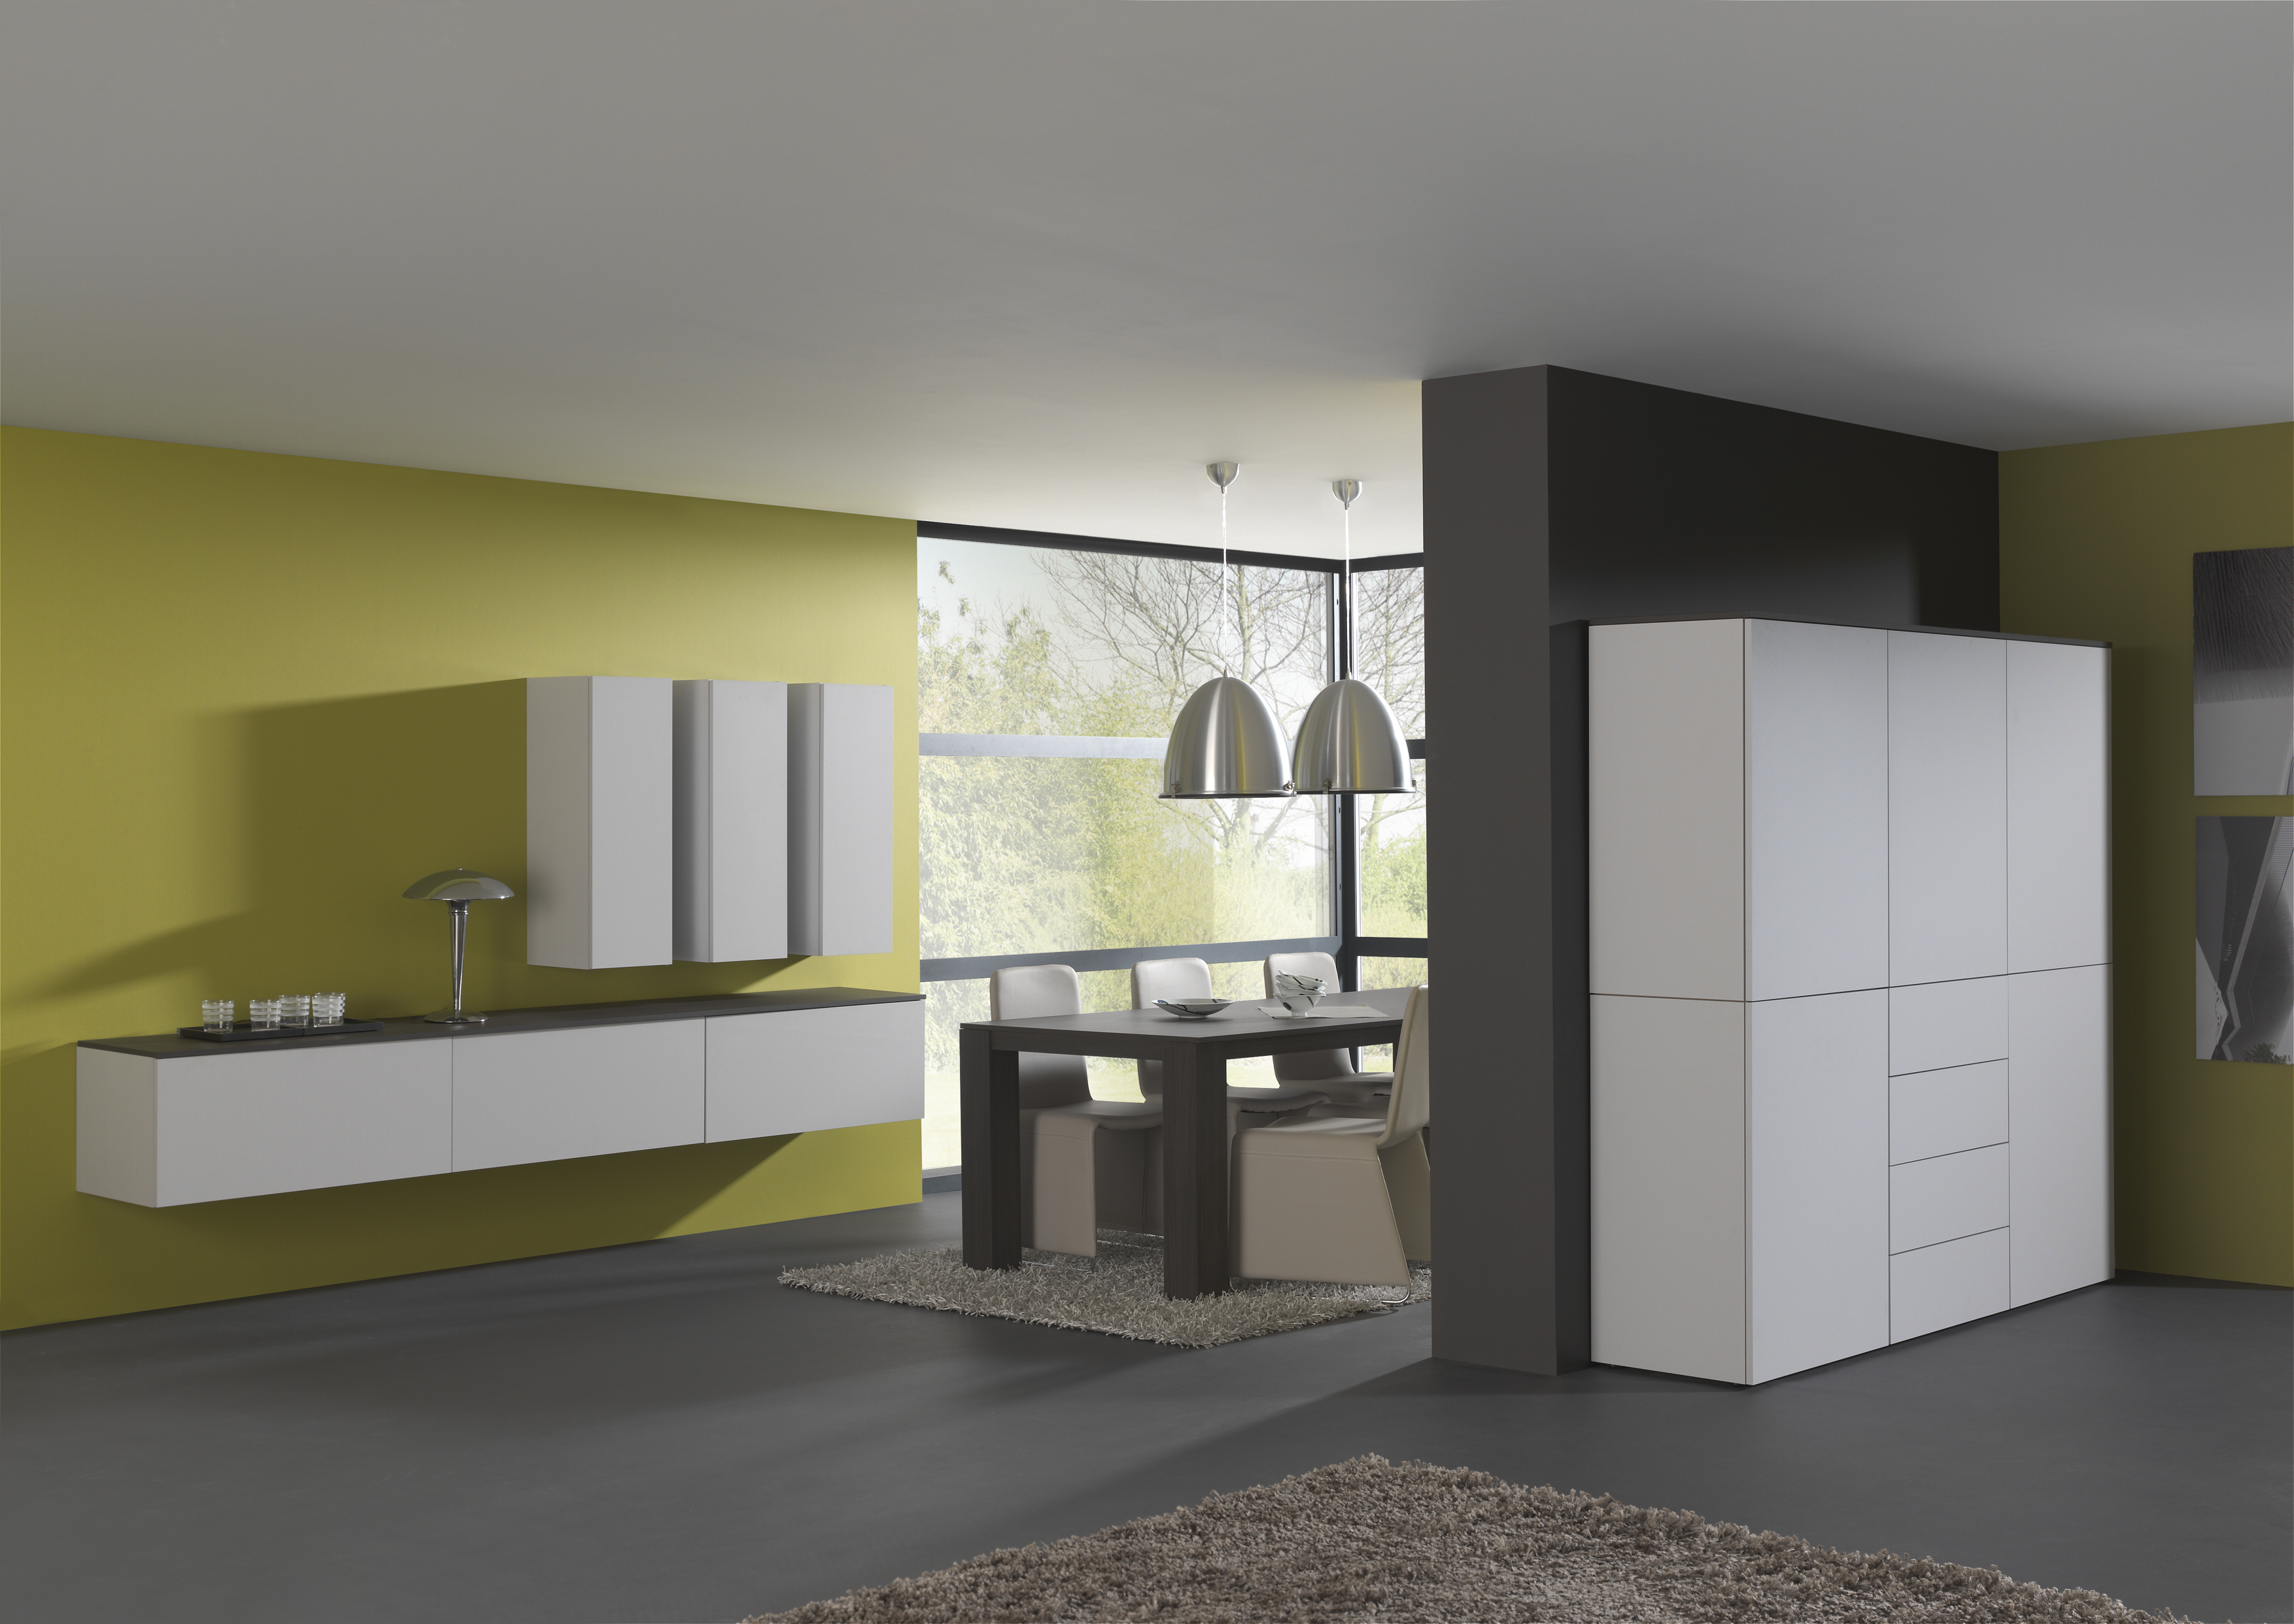 Beautiful Strada Eetkamer ideen - Ideeën & Huis inrichten ...